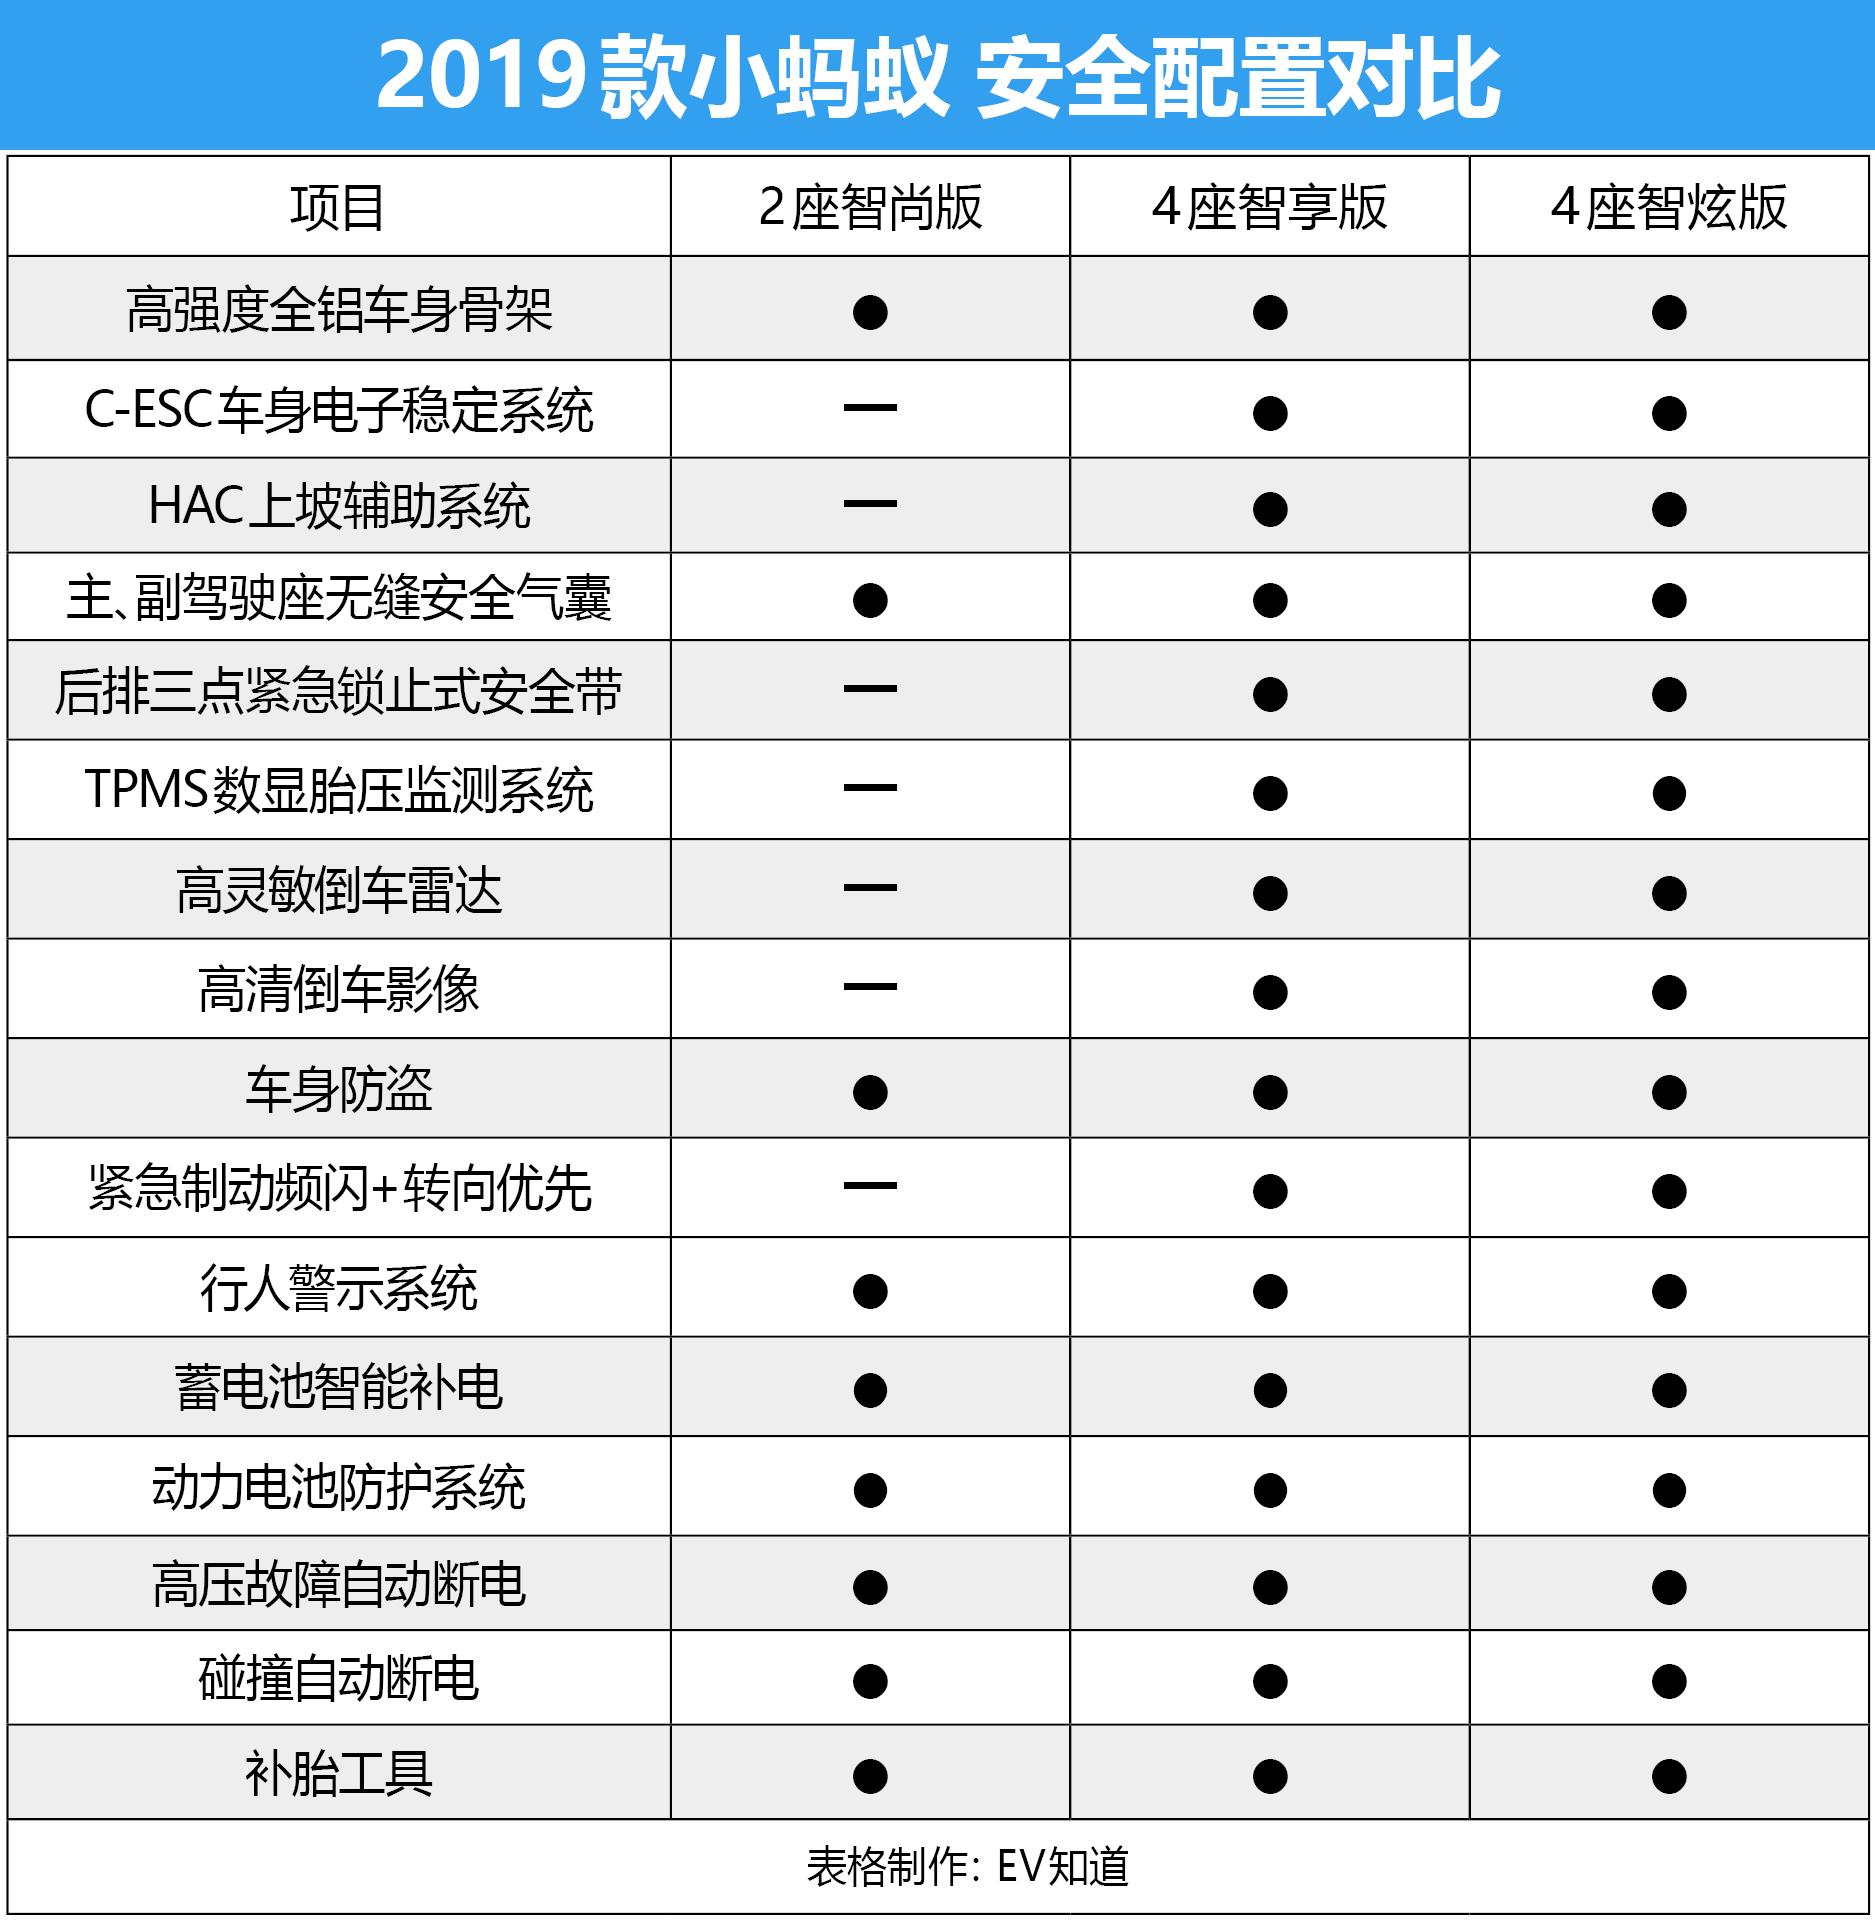 推薦4座智炫版 2019款小螞蟻購車手冊